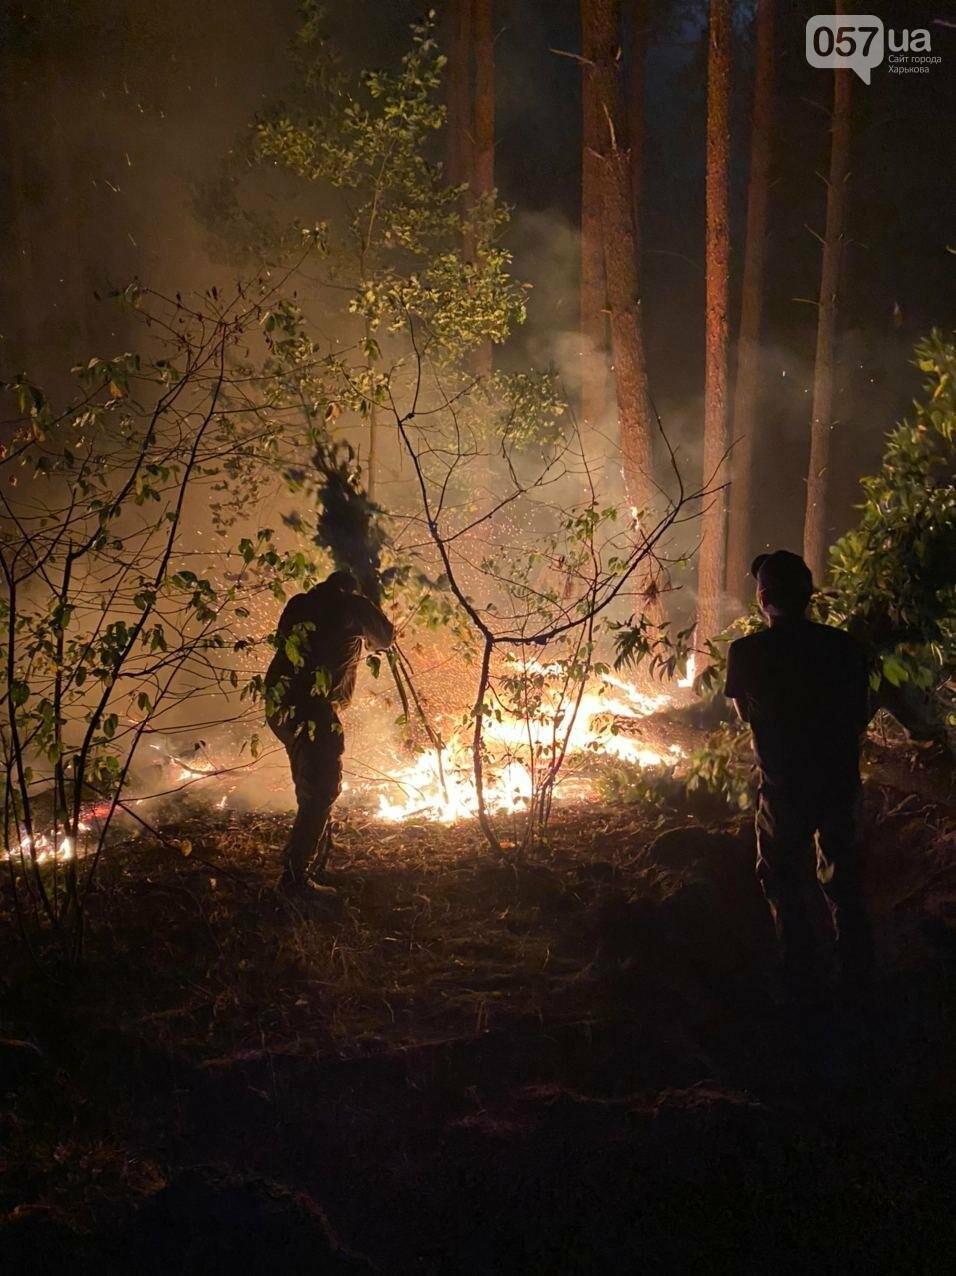 """""""Горит лес, нужна помощь"""": как мы тушили пожар в Чугуеве, - ФОТО, фото-3"""